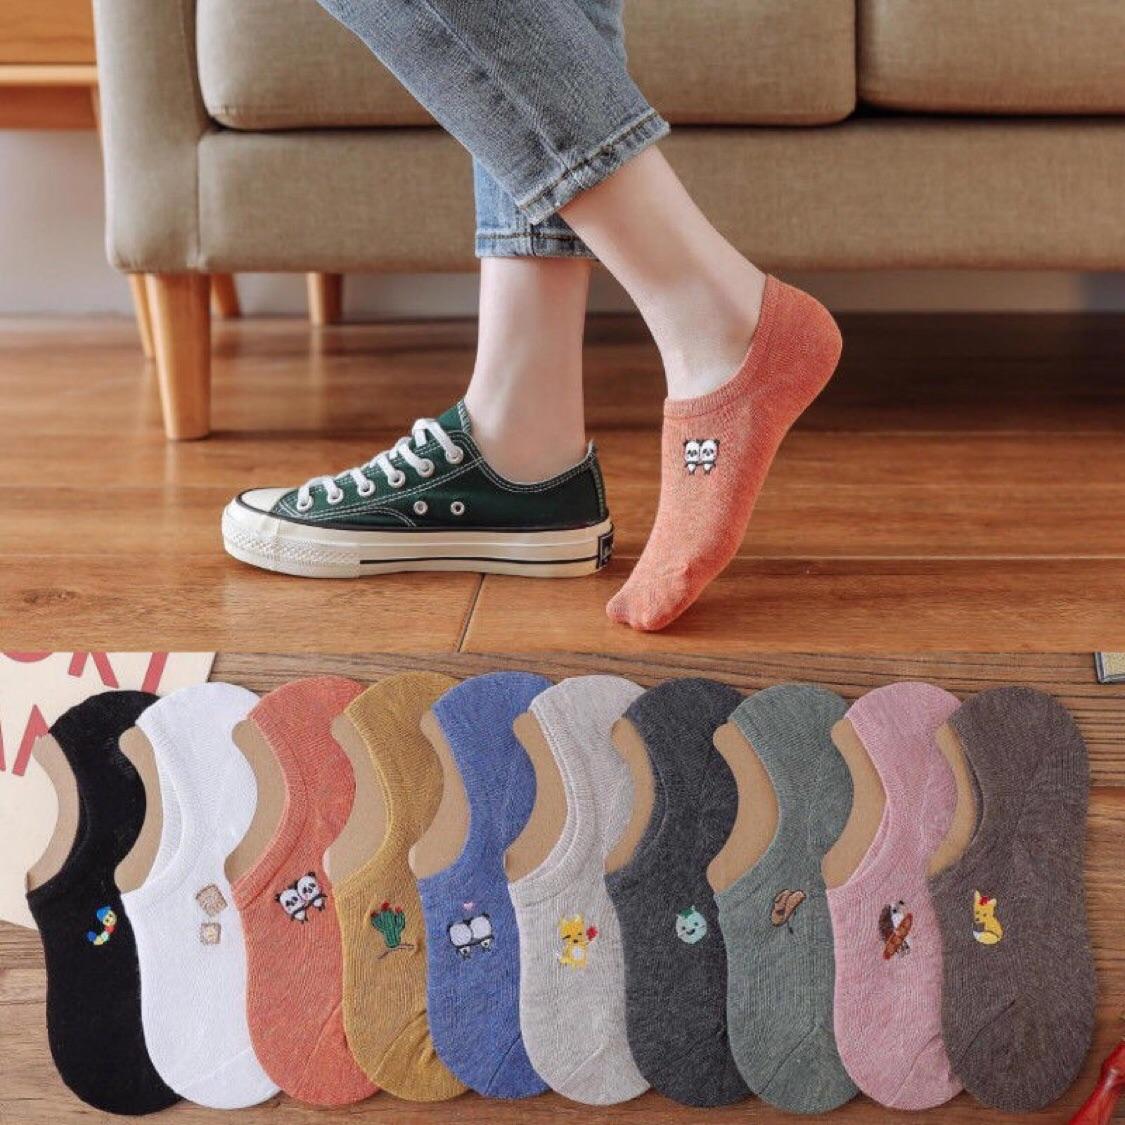 船袜女夏季薄款硅胶防滑不掉跟袜子女短袜浅口隐形纯棉底ins潮